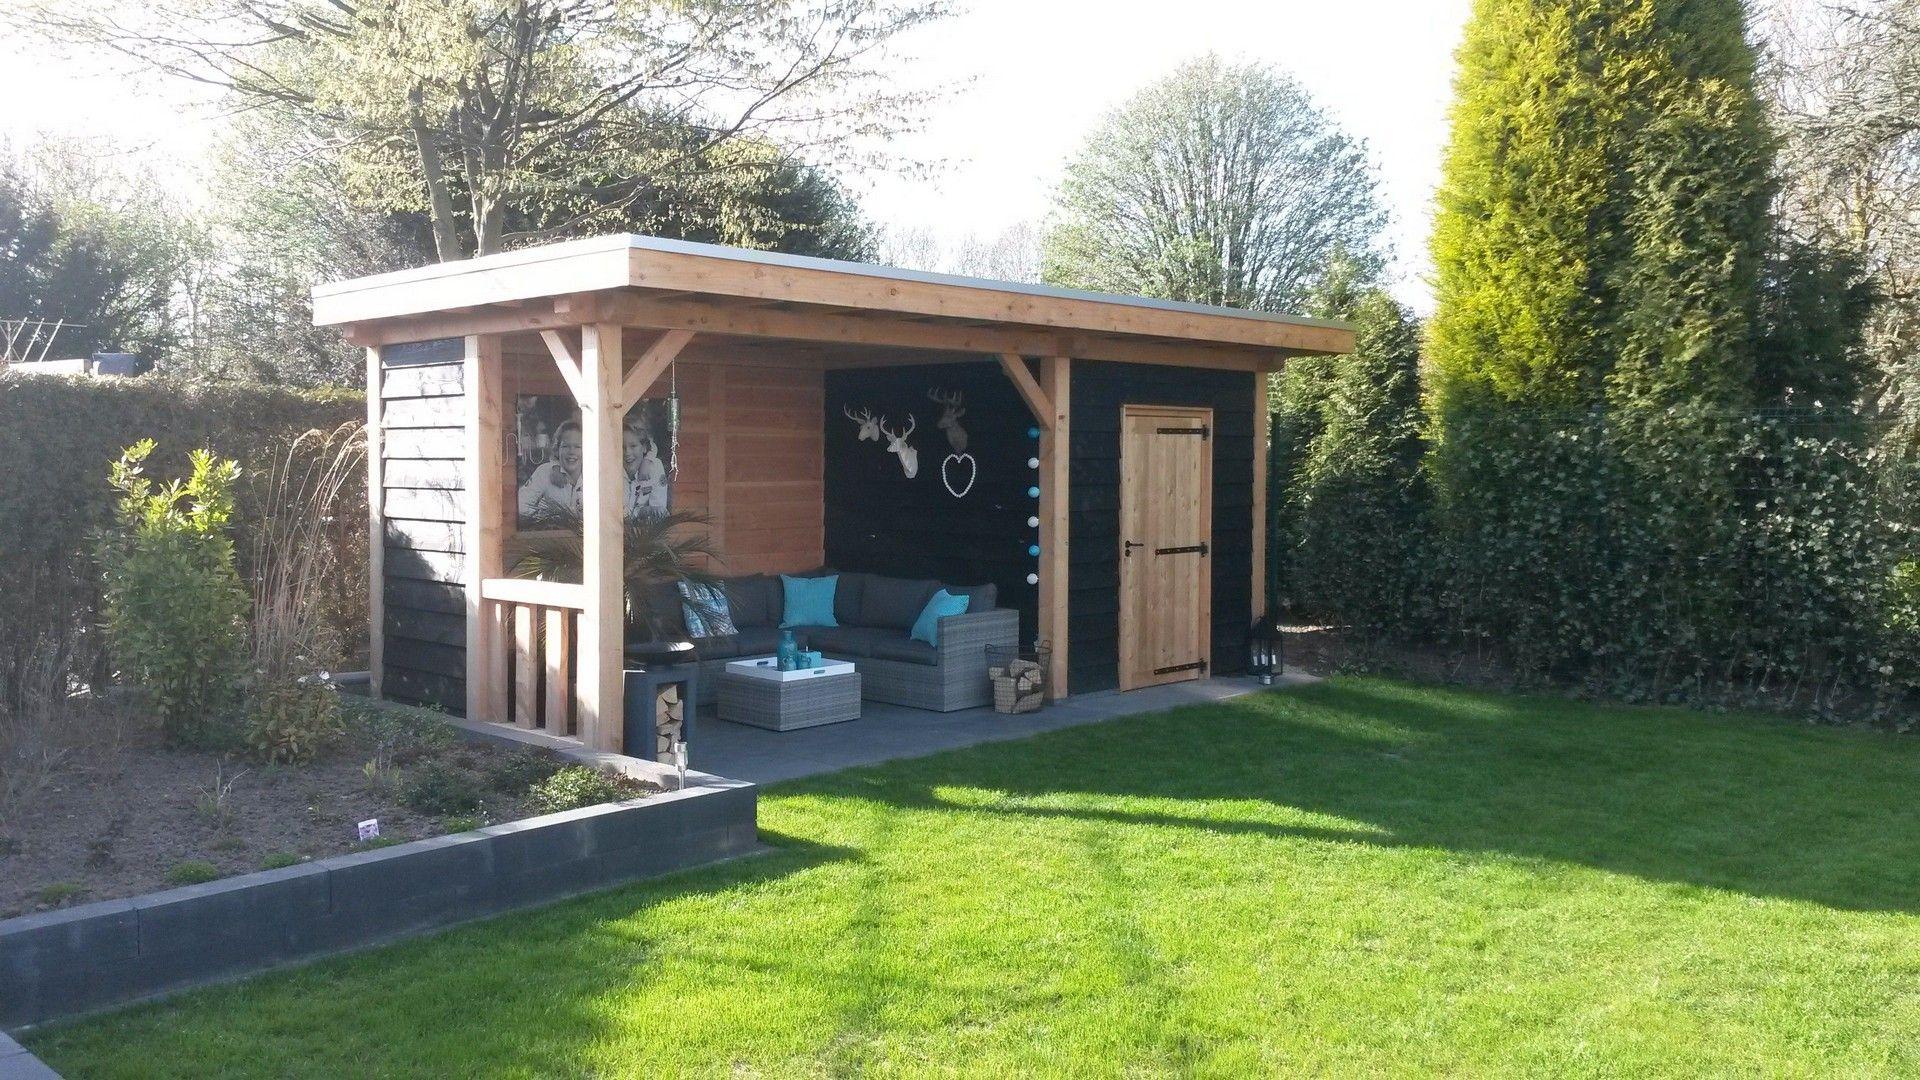 Houtbouw op maat douglas veranda met berging 600x300 for Offerte veranda